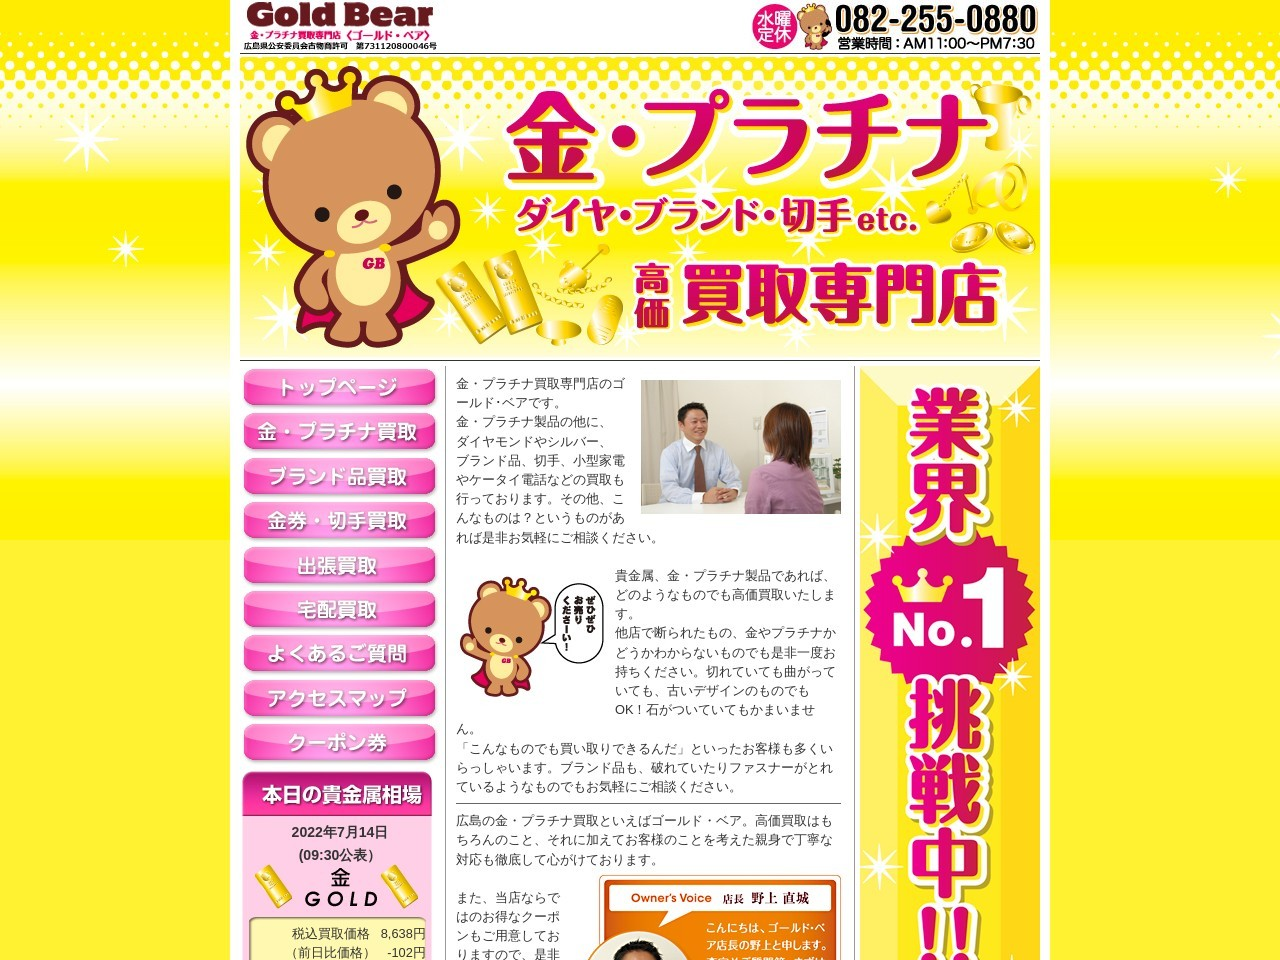 金・プラチナ買取専門店【ゴールド・ベア】